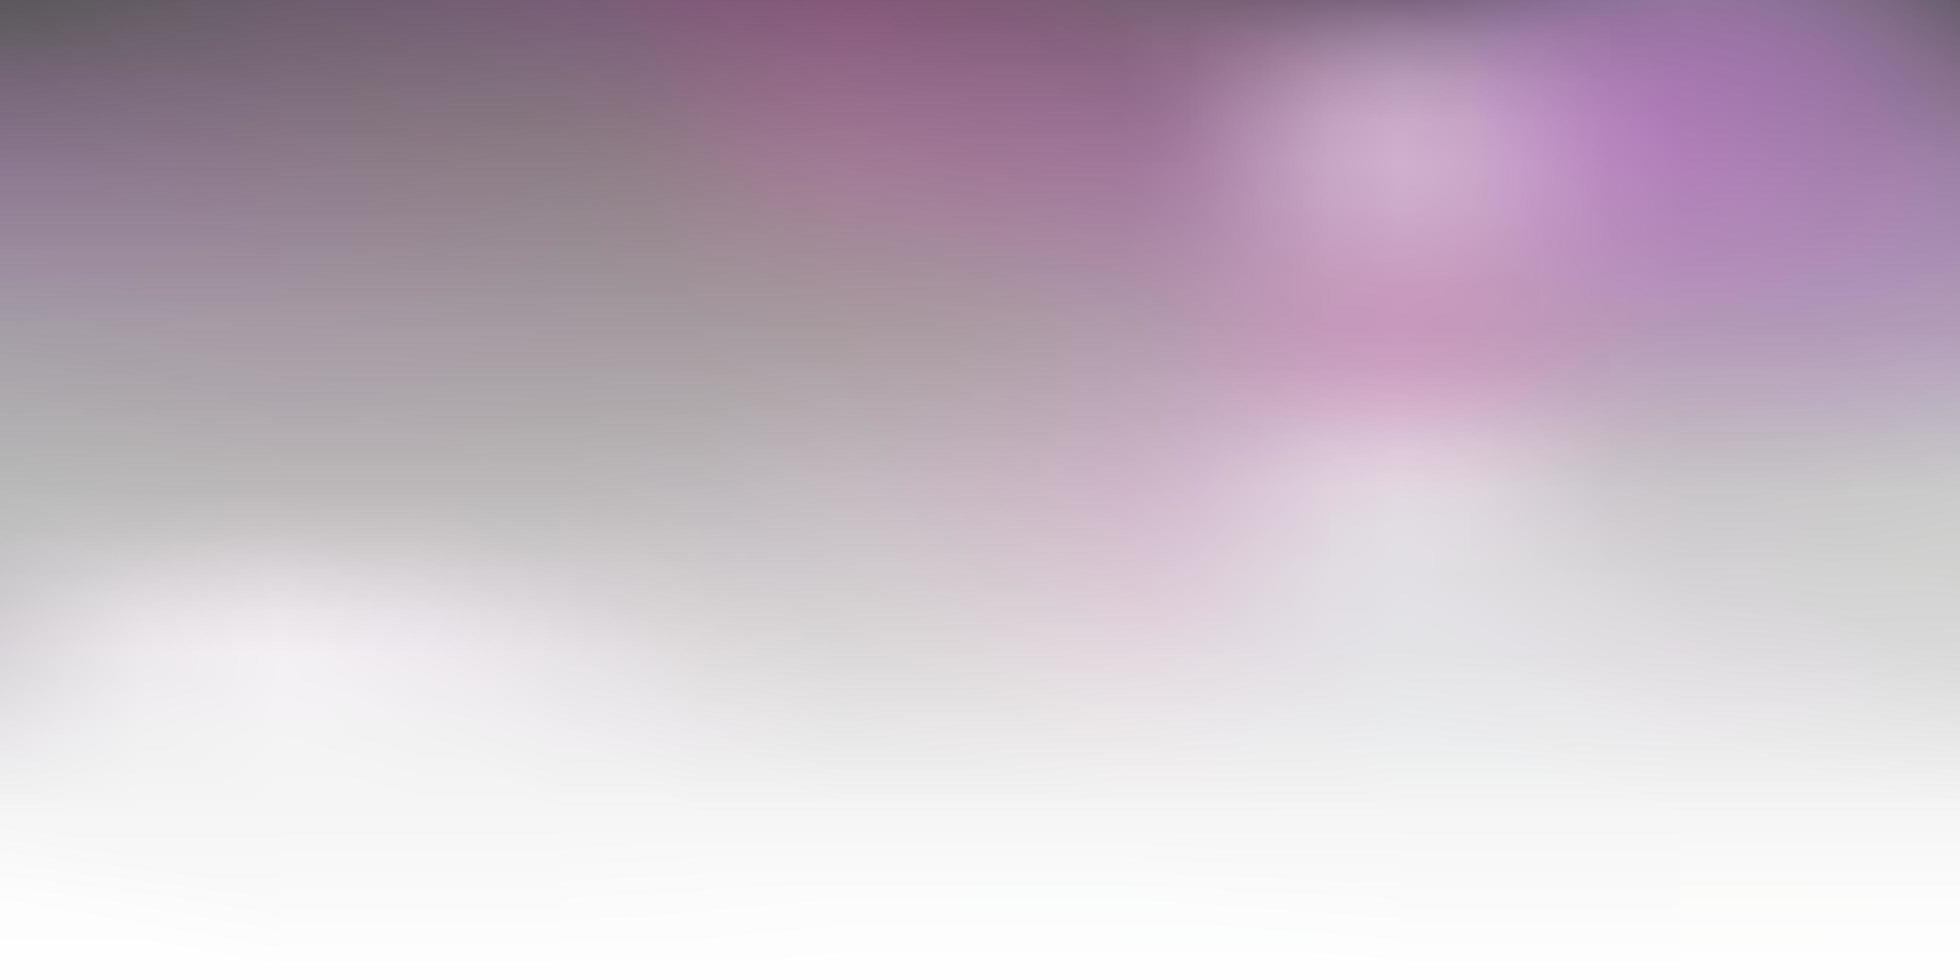 modelo de desfoque de vetor rosa escuro.